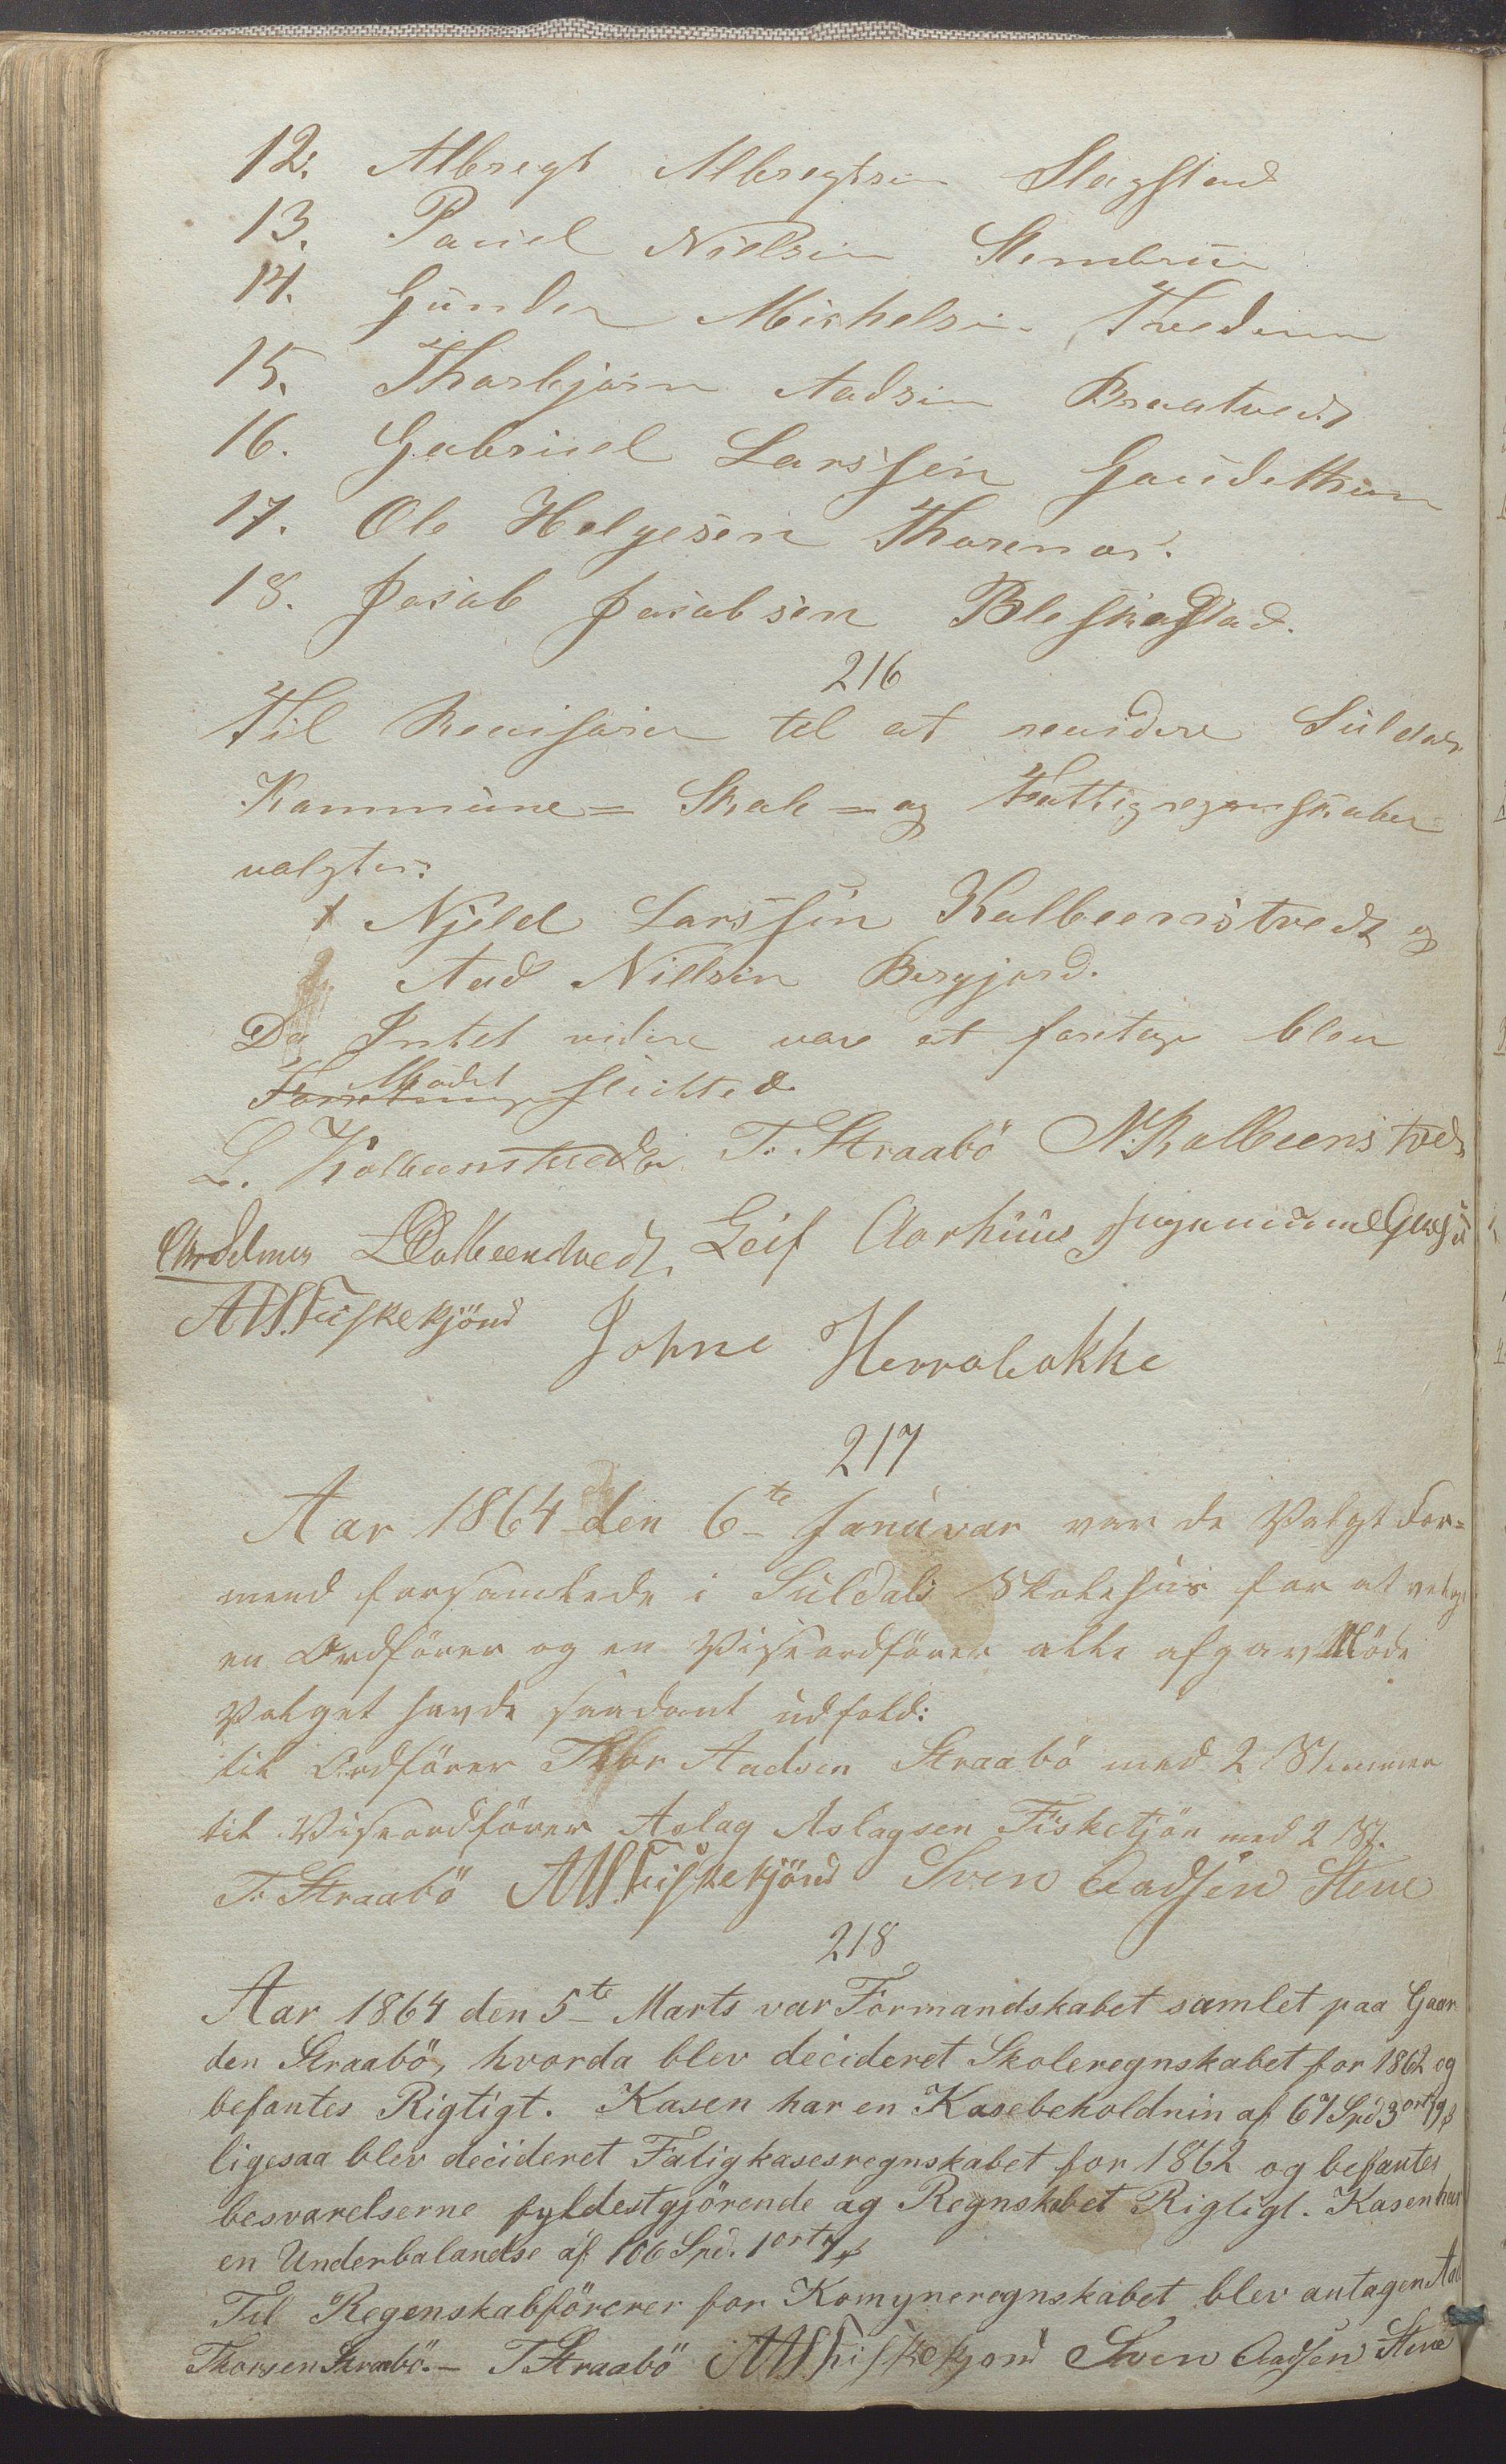 IKAR, Suldal kommune - Formannskapet/Rådmannen, A/Aa/L0001: Møtebok, 1837-1876, s. 148b